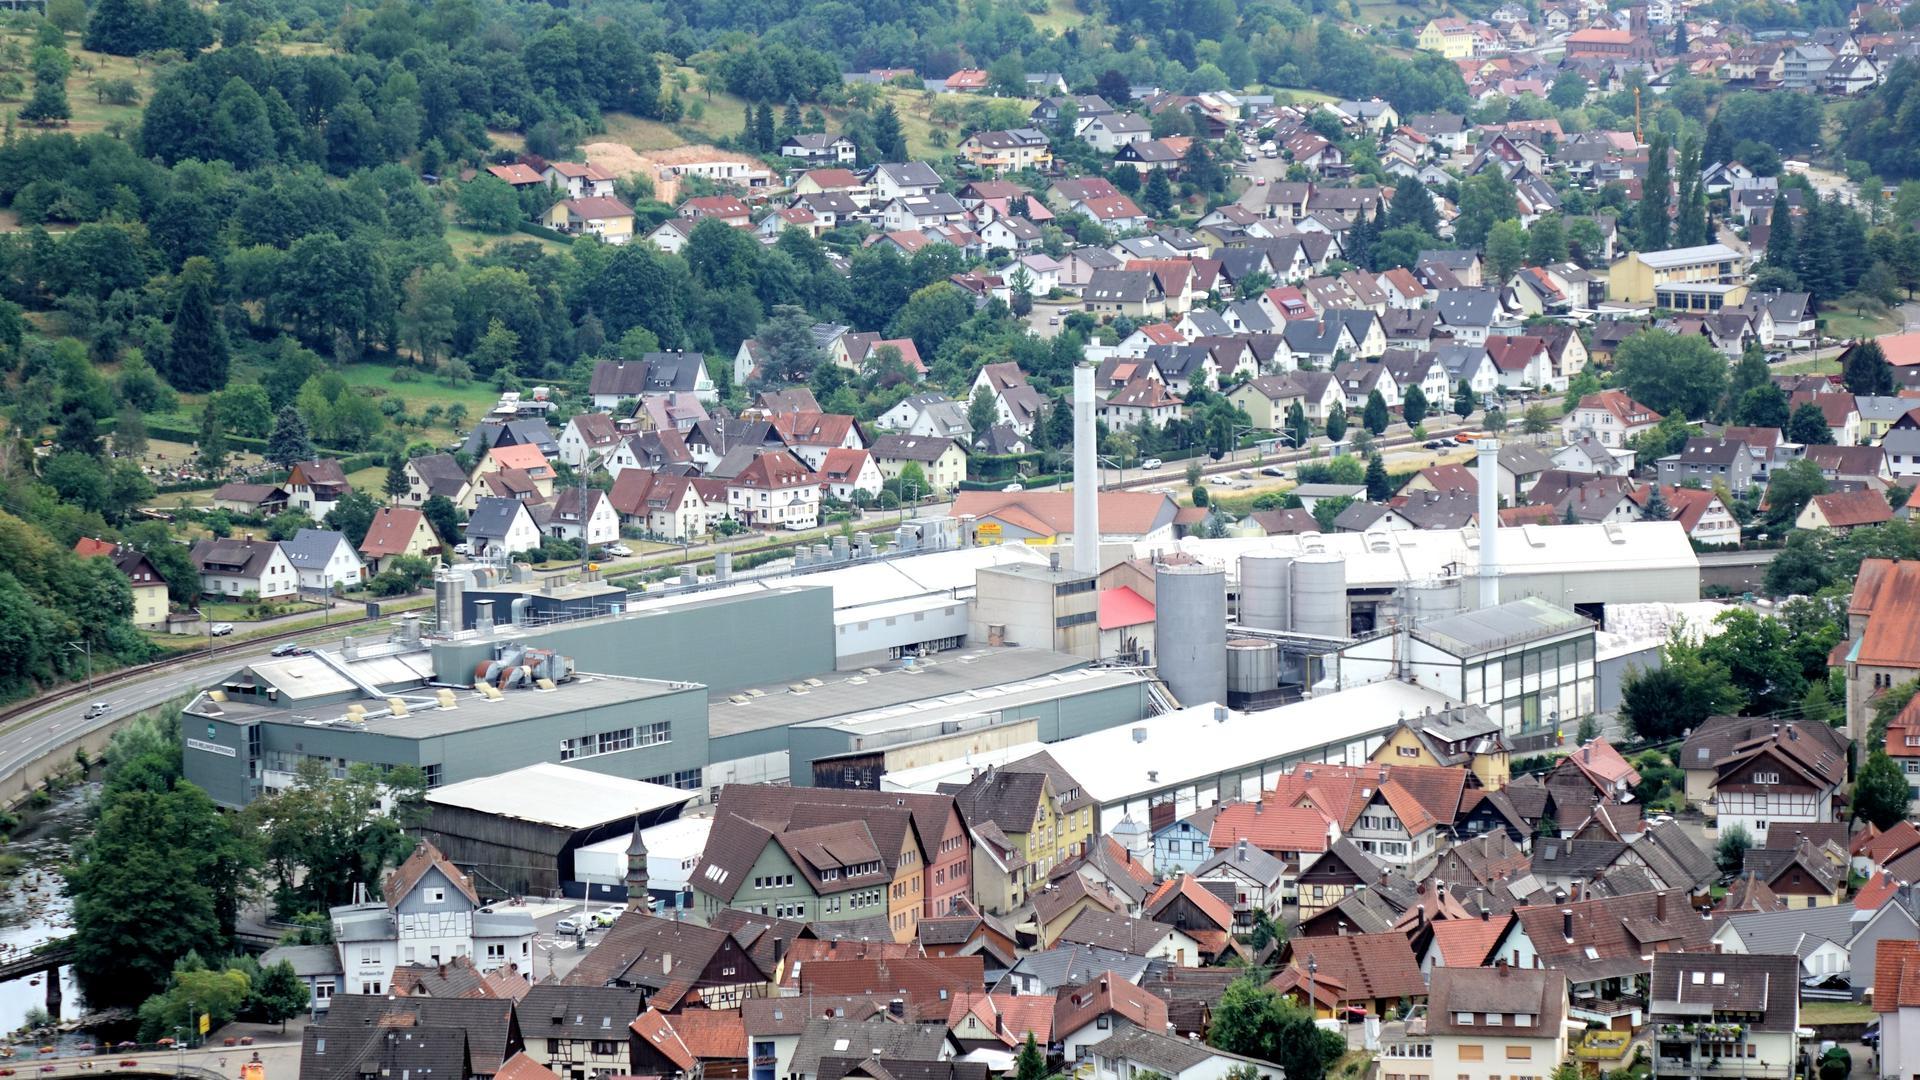 Ansicht auf Obertsrot, im Fokus steht das Firmengelände des Kartonherstellers Mayr-Melnhof